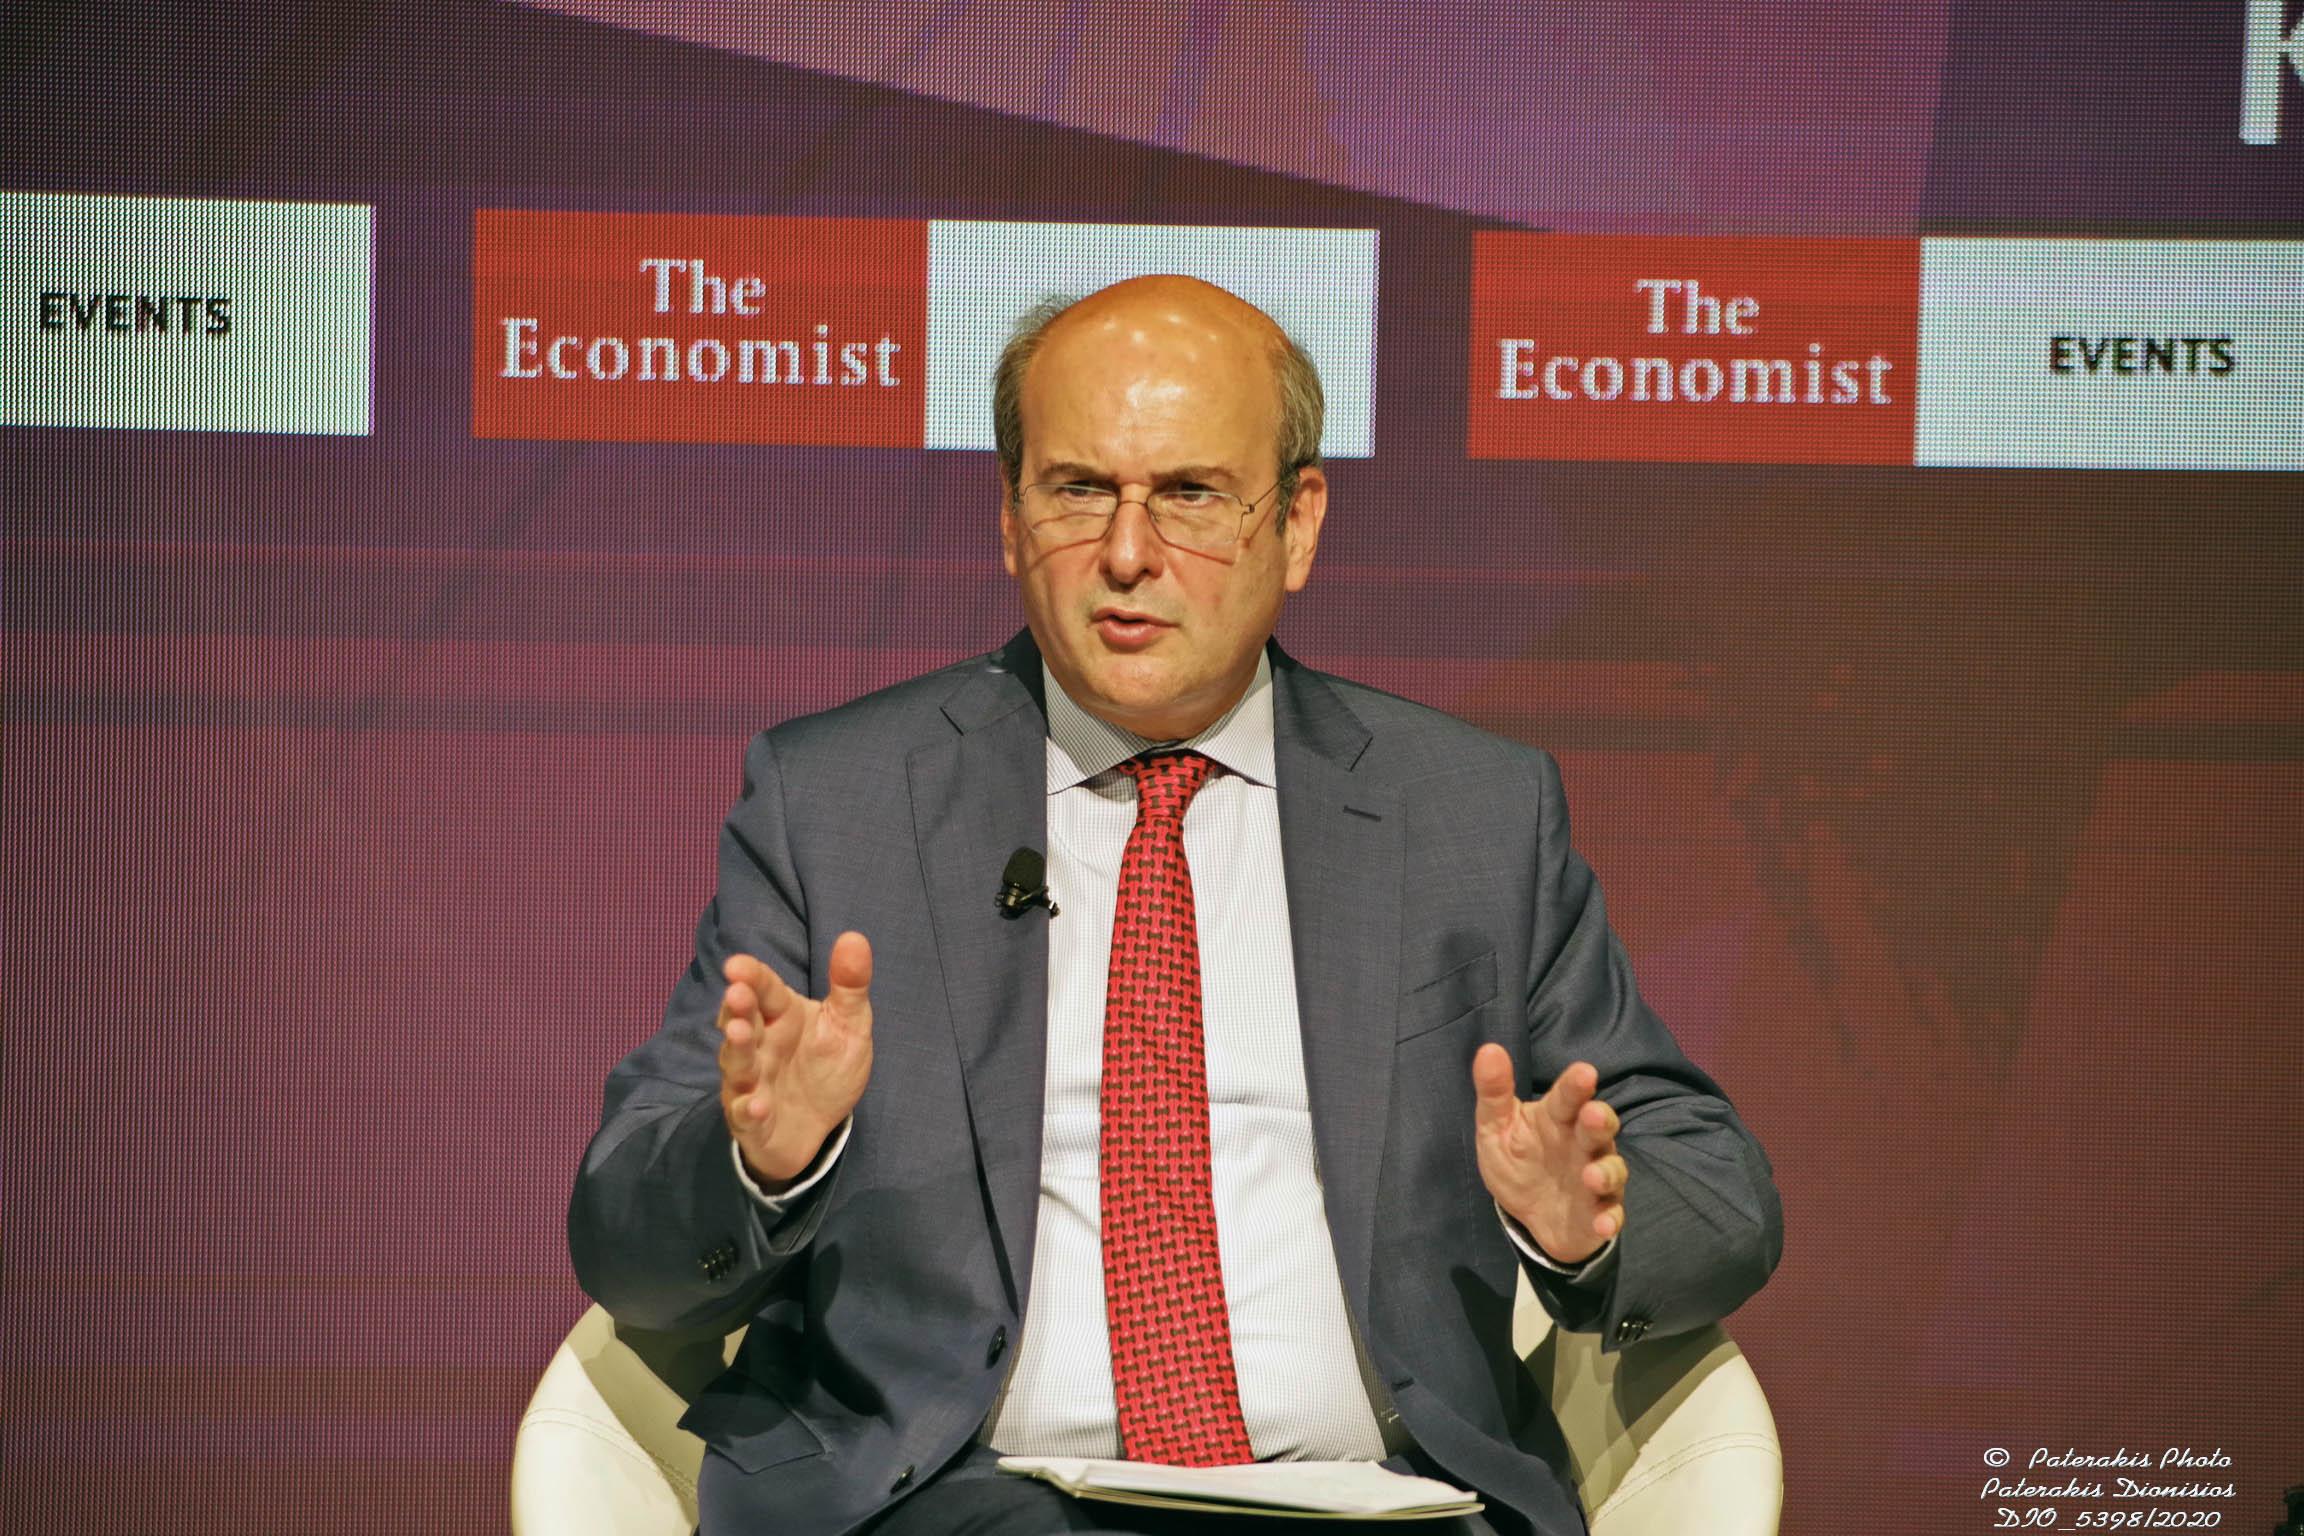 Κ. Χατζηδάκης: Πάμε σε πλήρη απελευθέρωση της αγοράς ενέργειας για να πέσουν οι τιμές